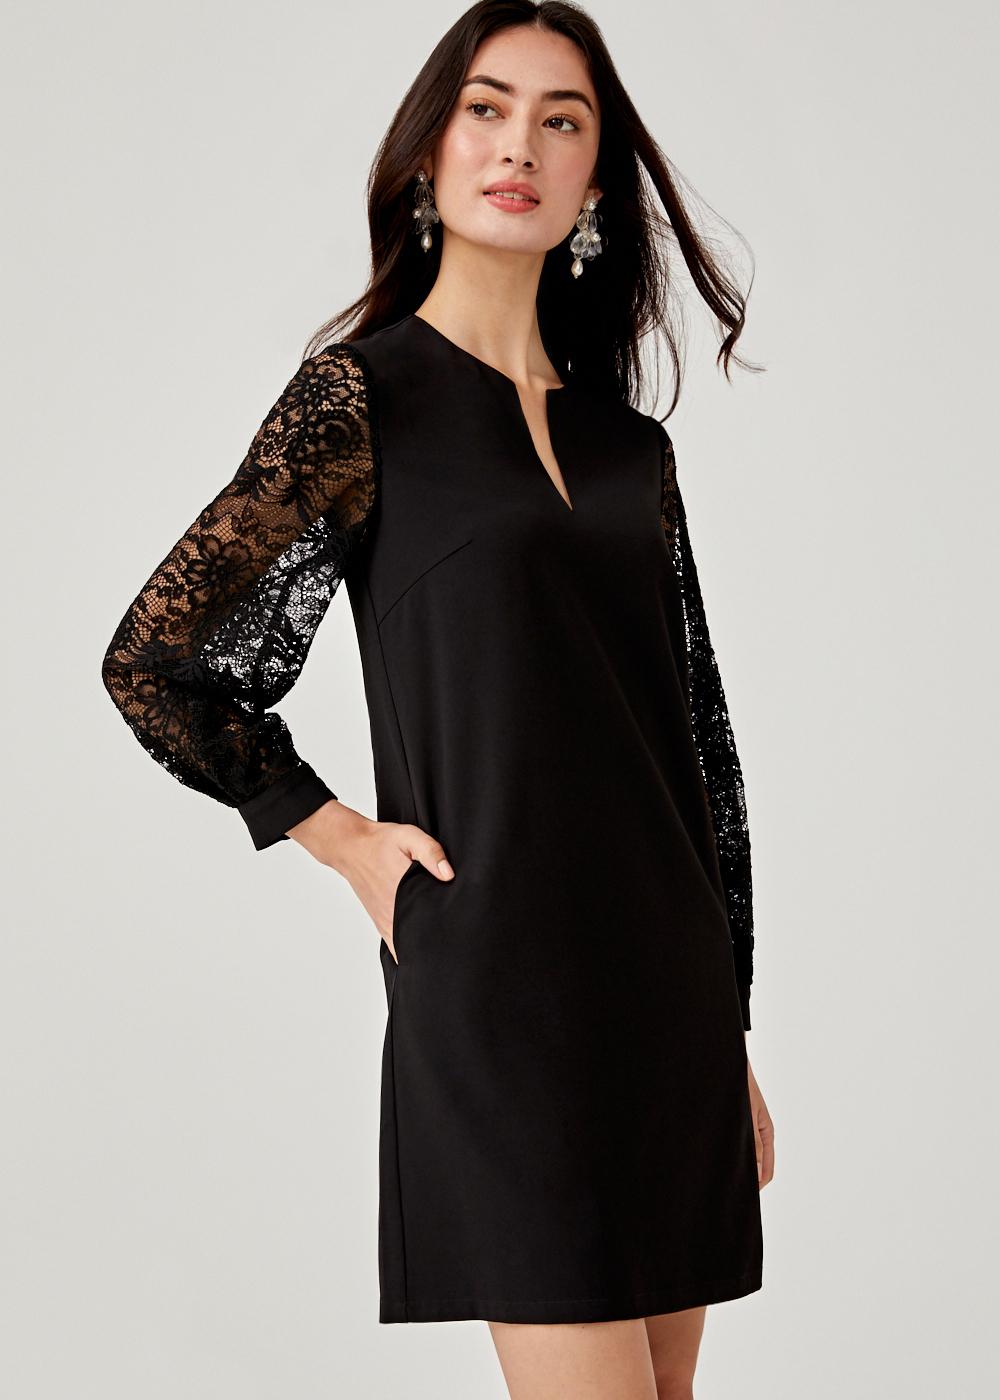 Neoma Lace Shift Dress